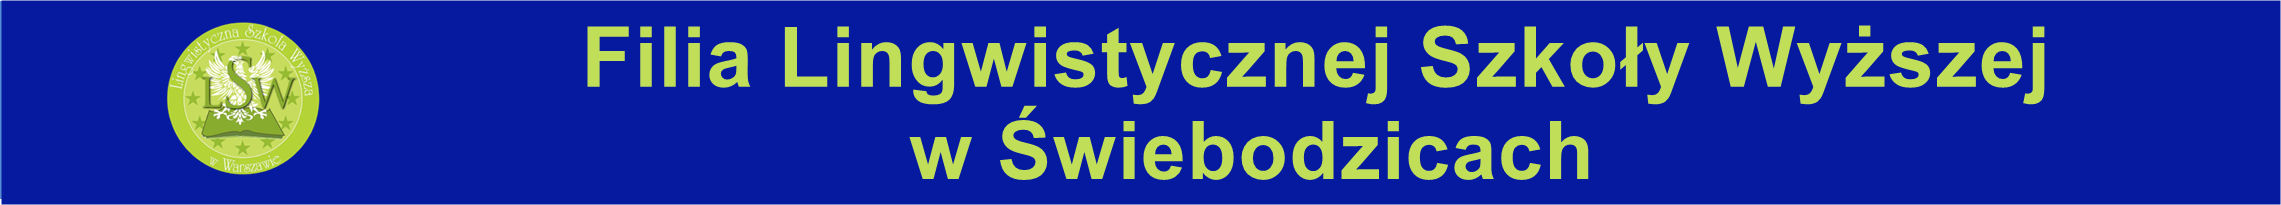 baner poziomy z logo szkoły i napisem Filia Lingwistycznej Szkoły Wyższej w Świebodzicach